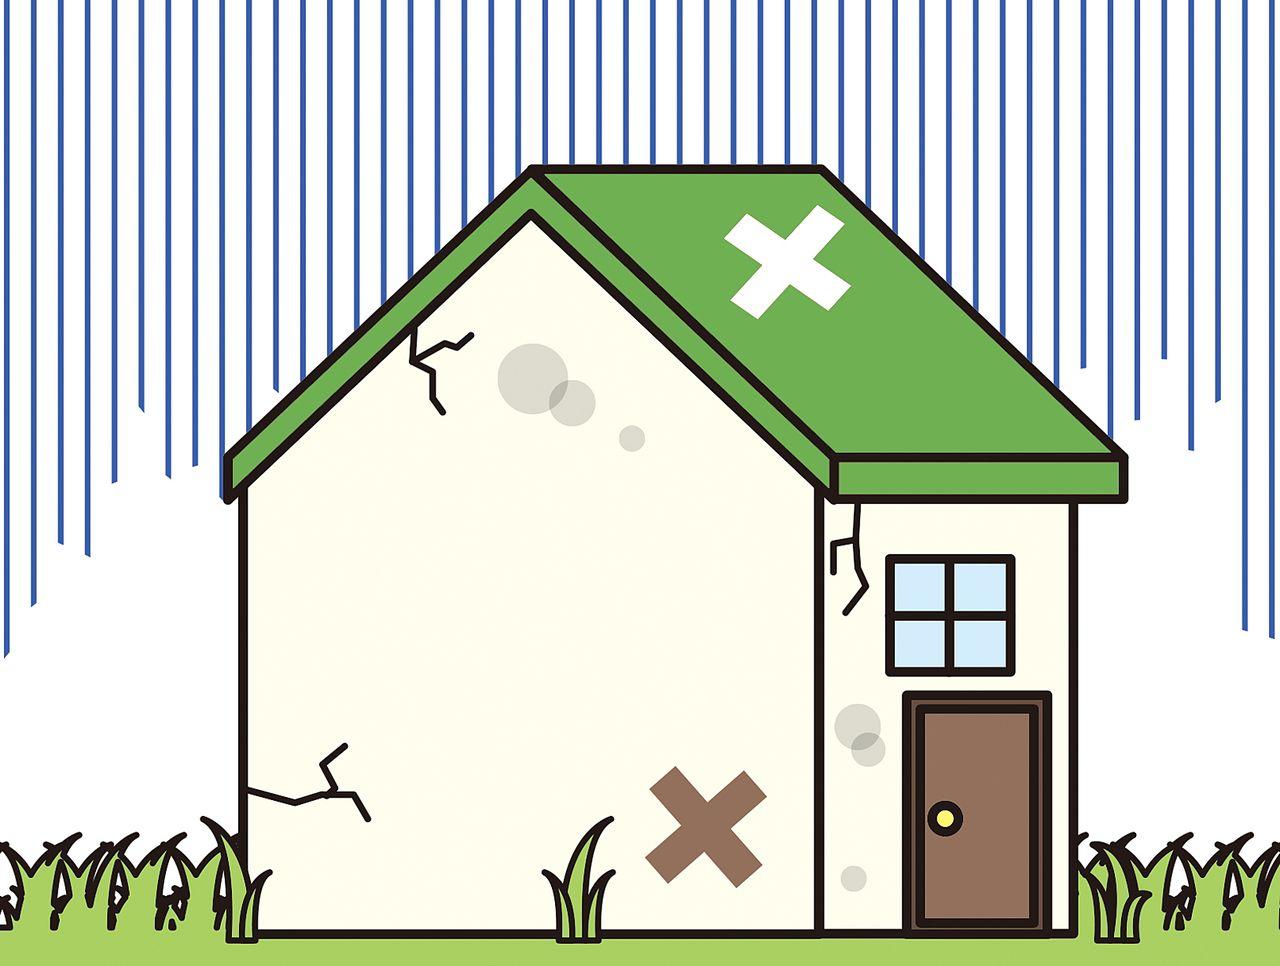 家が老朽化している、価値が無いと思う